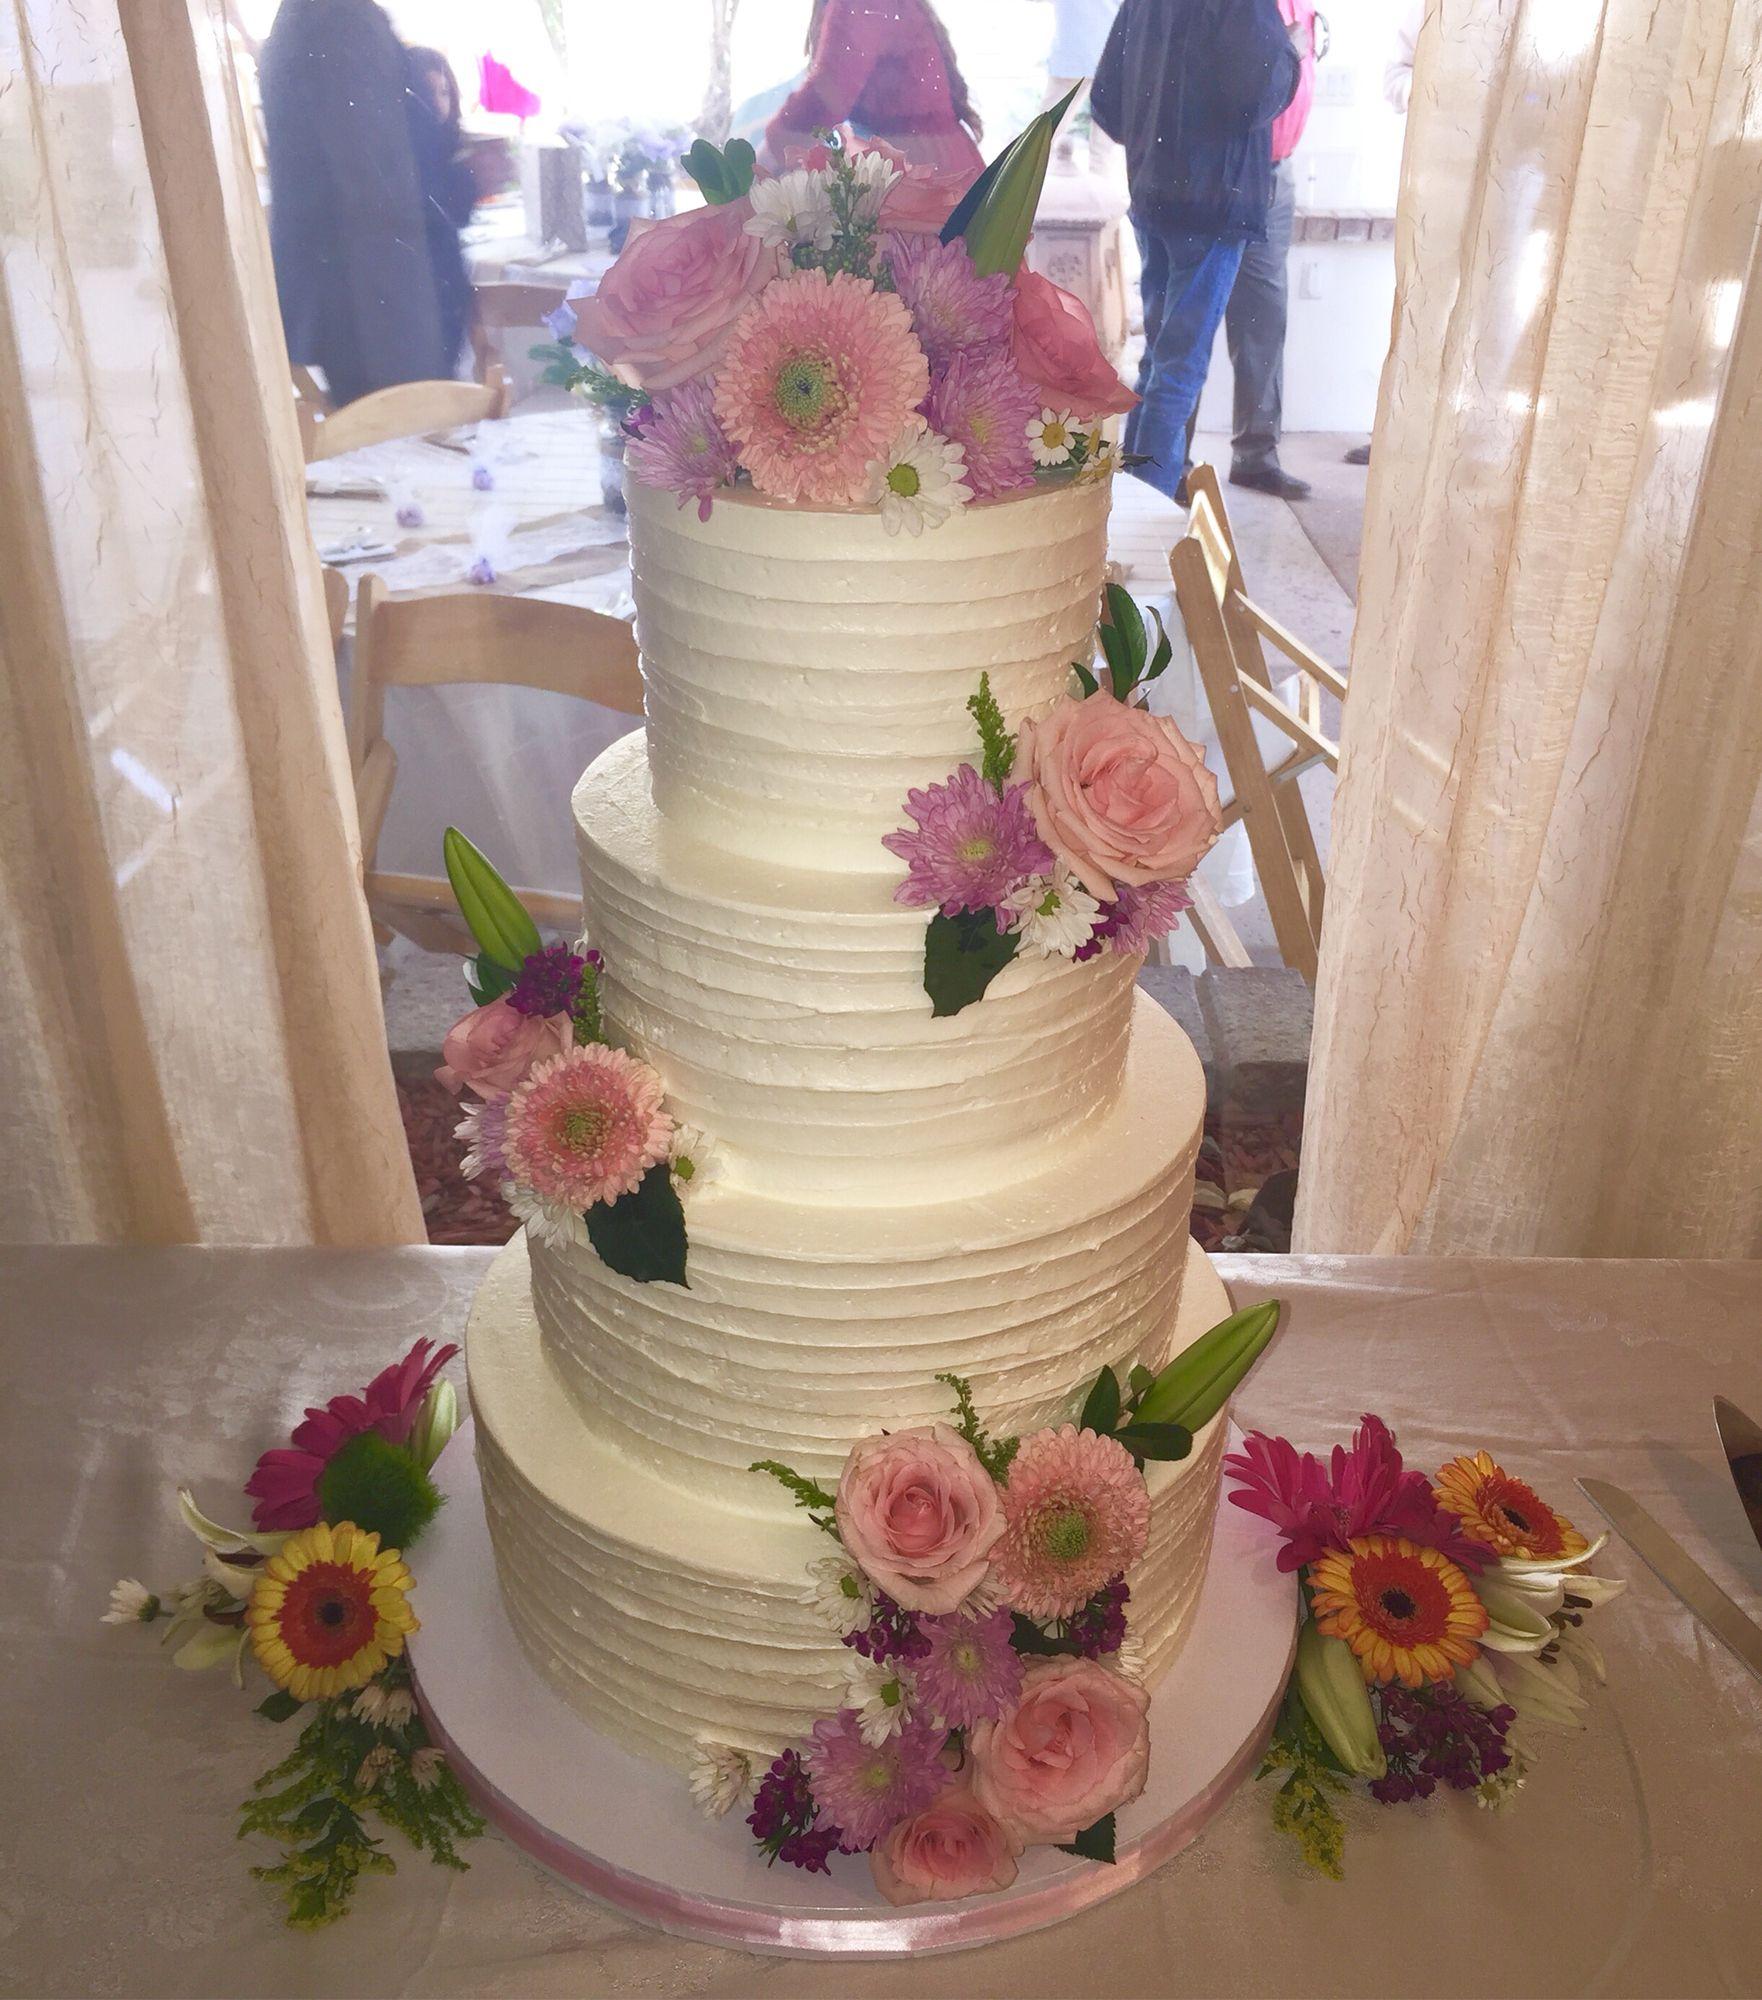 burlap and lace | Buttercream wedding cake, Cake, Wedding